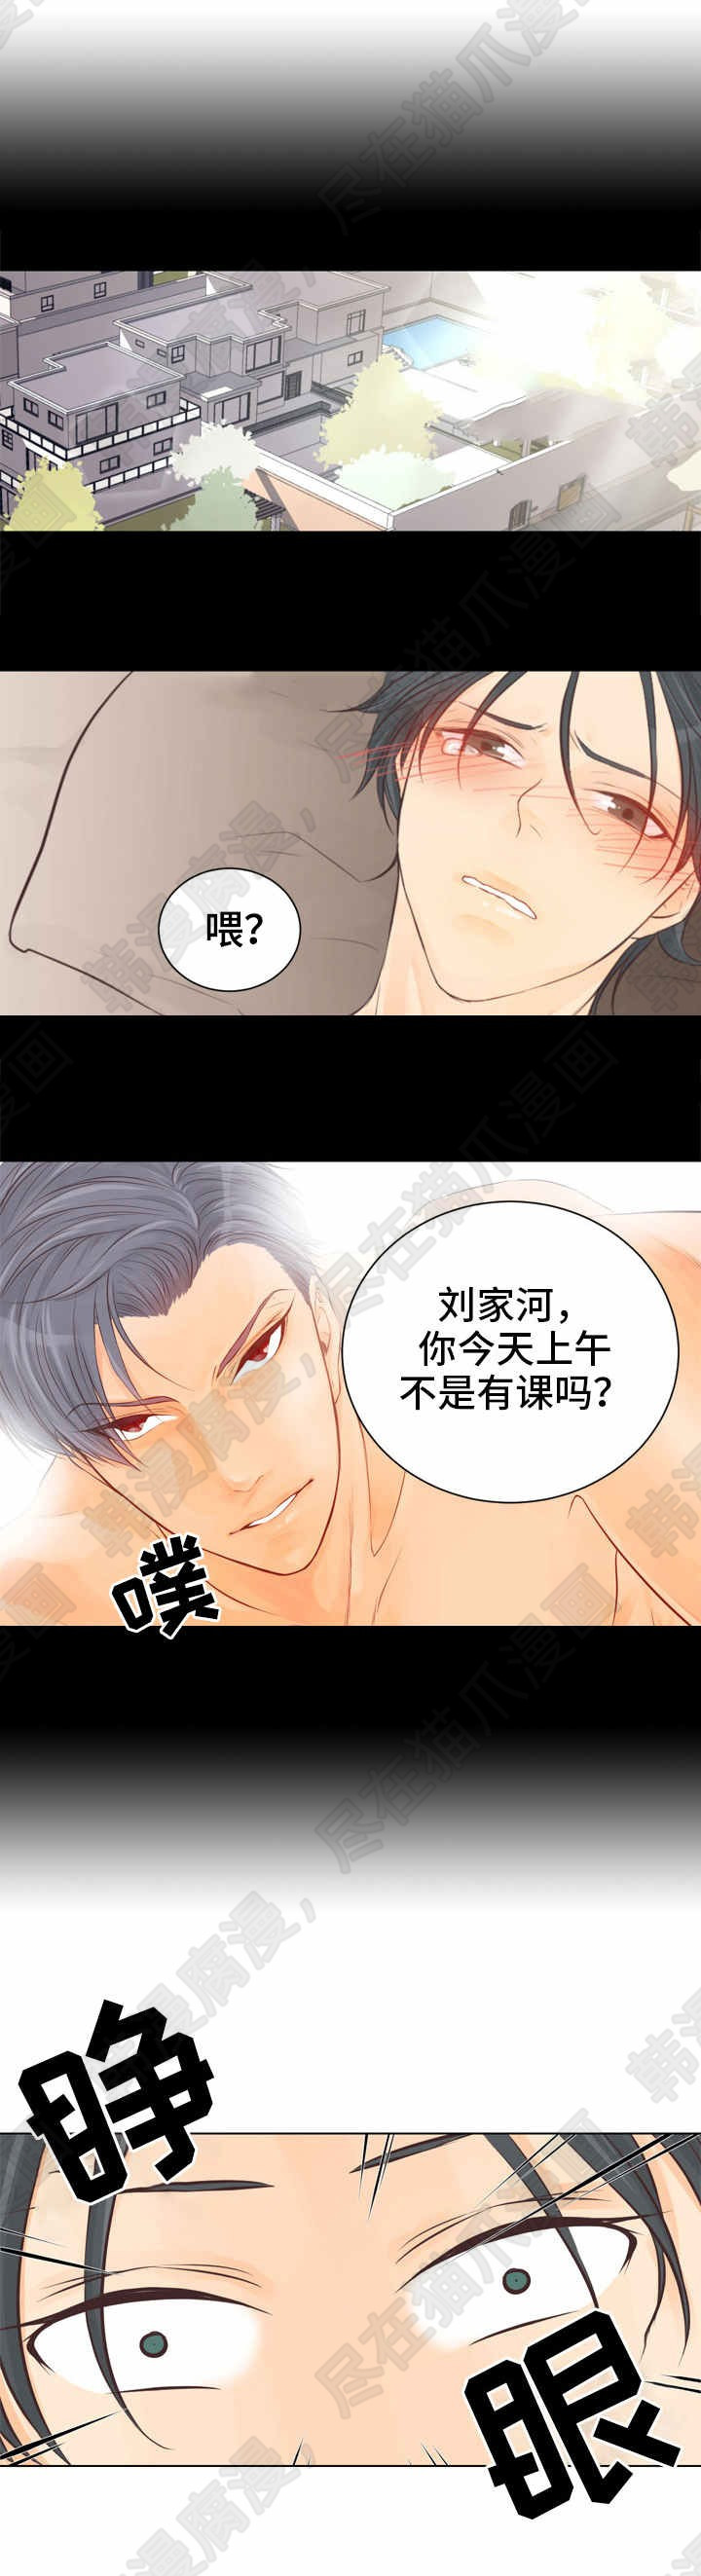 《恋上总裁养父》漫画 & 完整版韩漫 :(全文在线阅读)